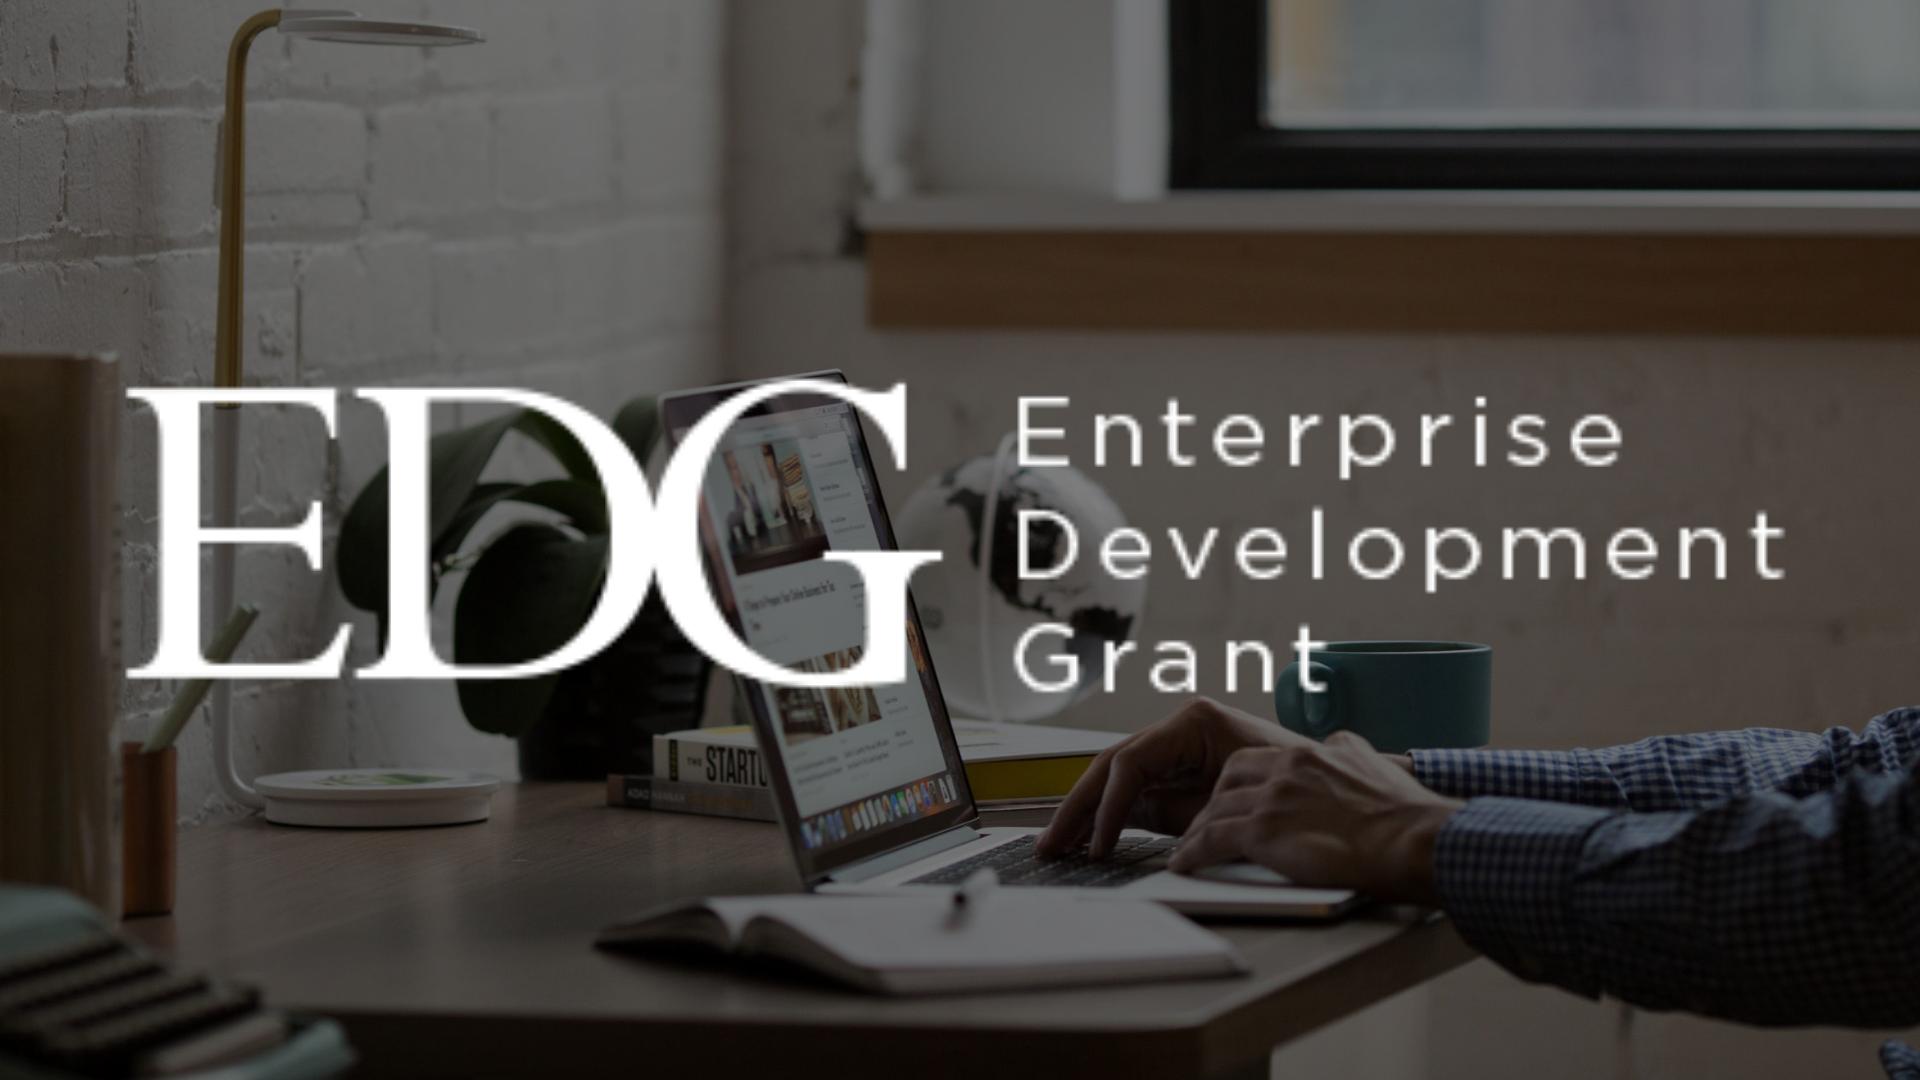 Applying for the Enterprise Development Grant (EDG) in 2021